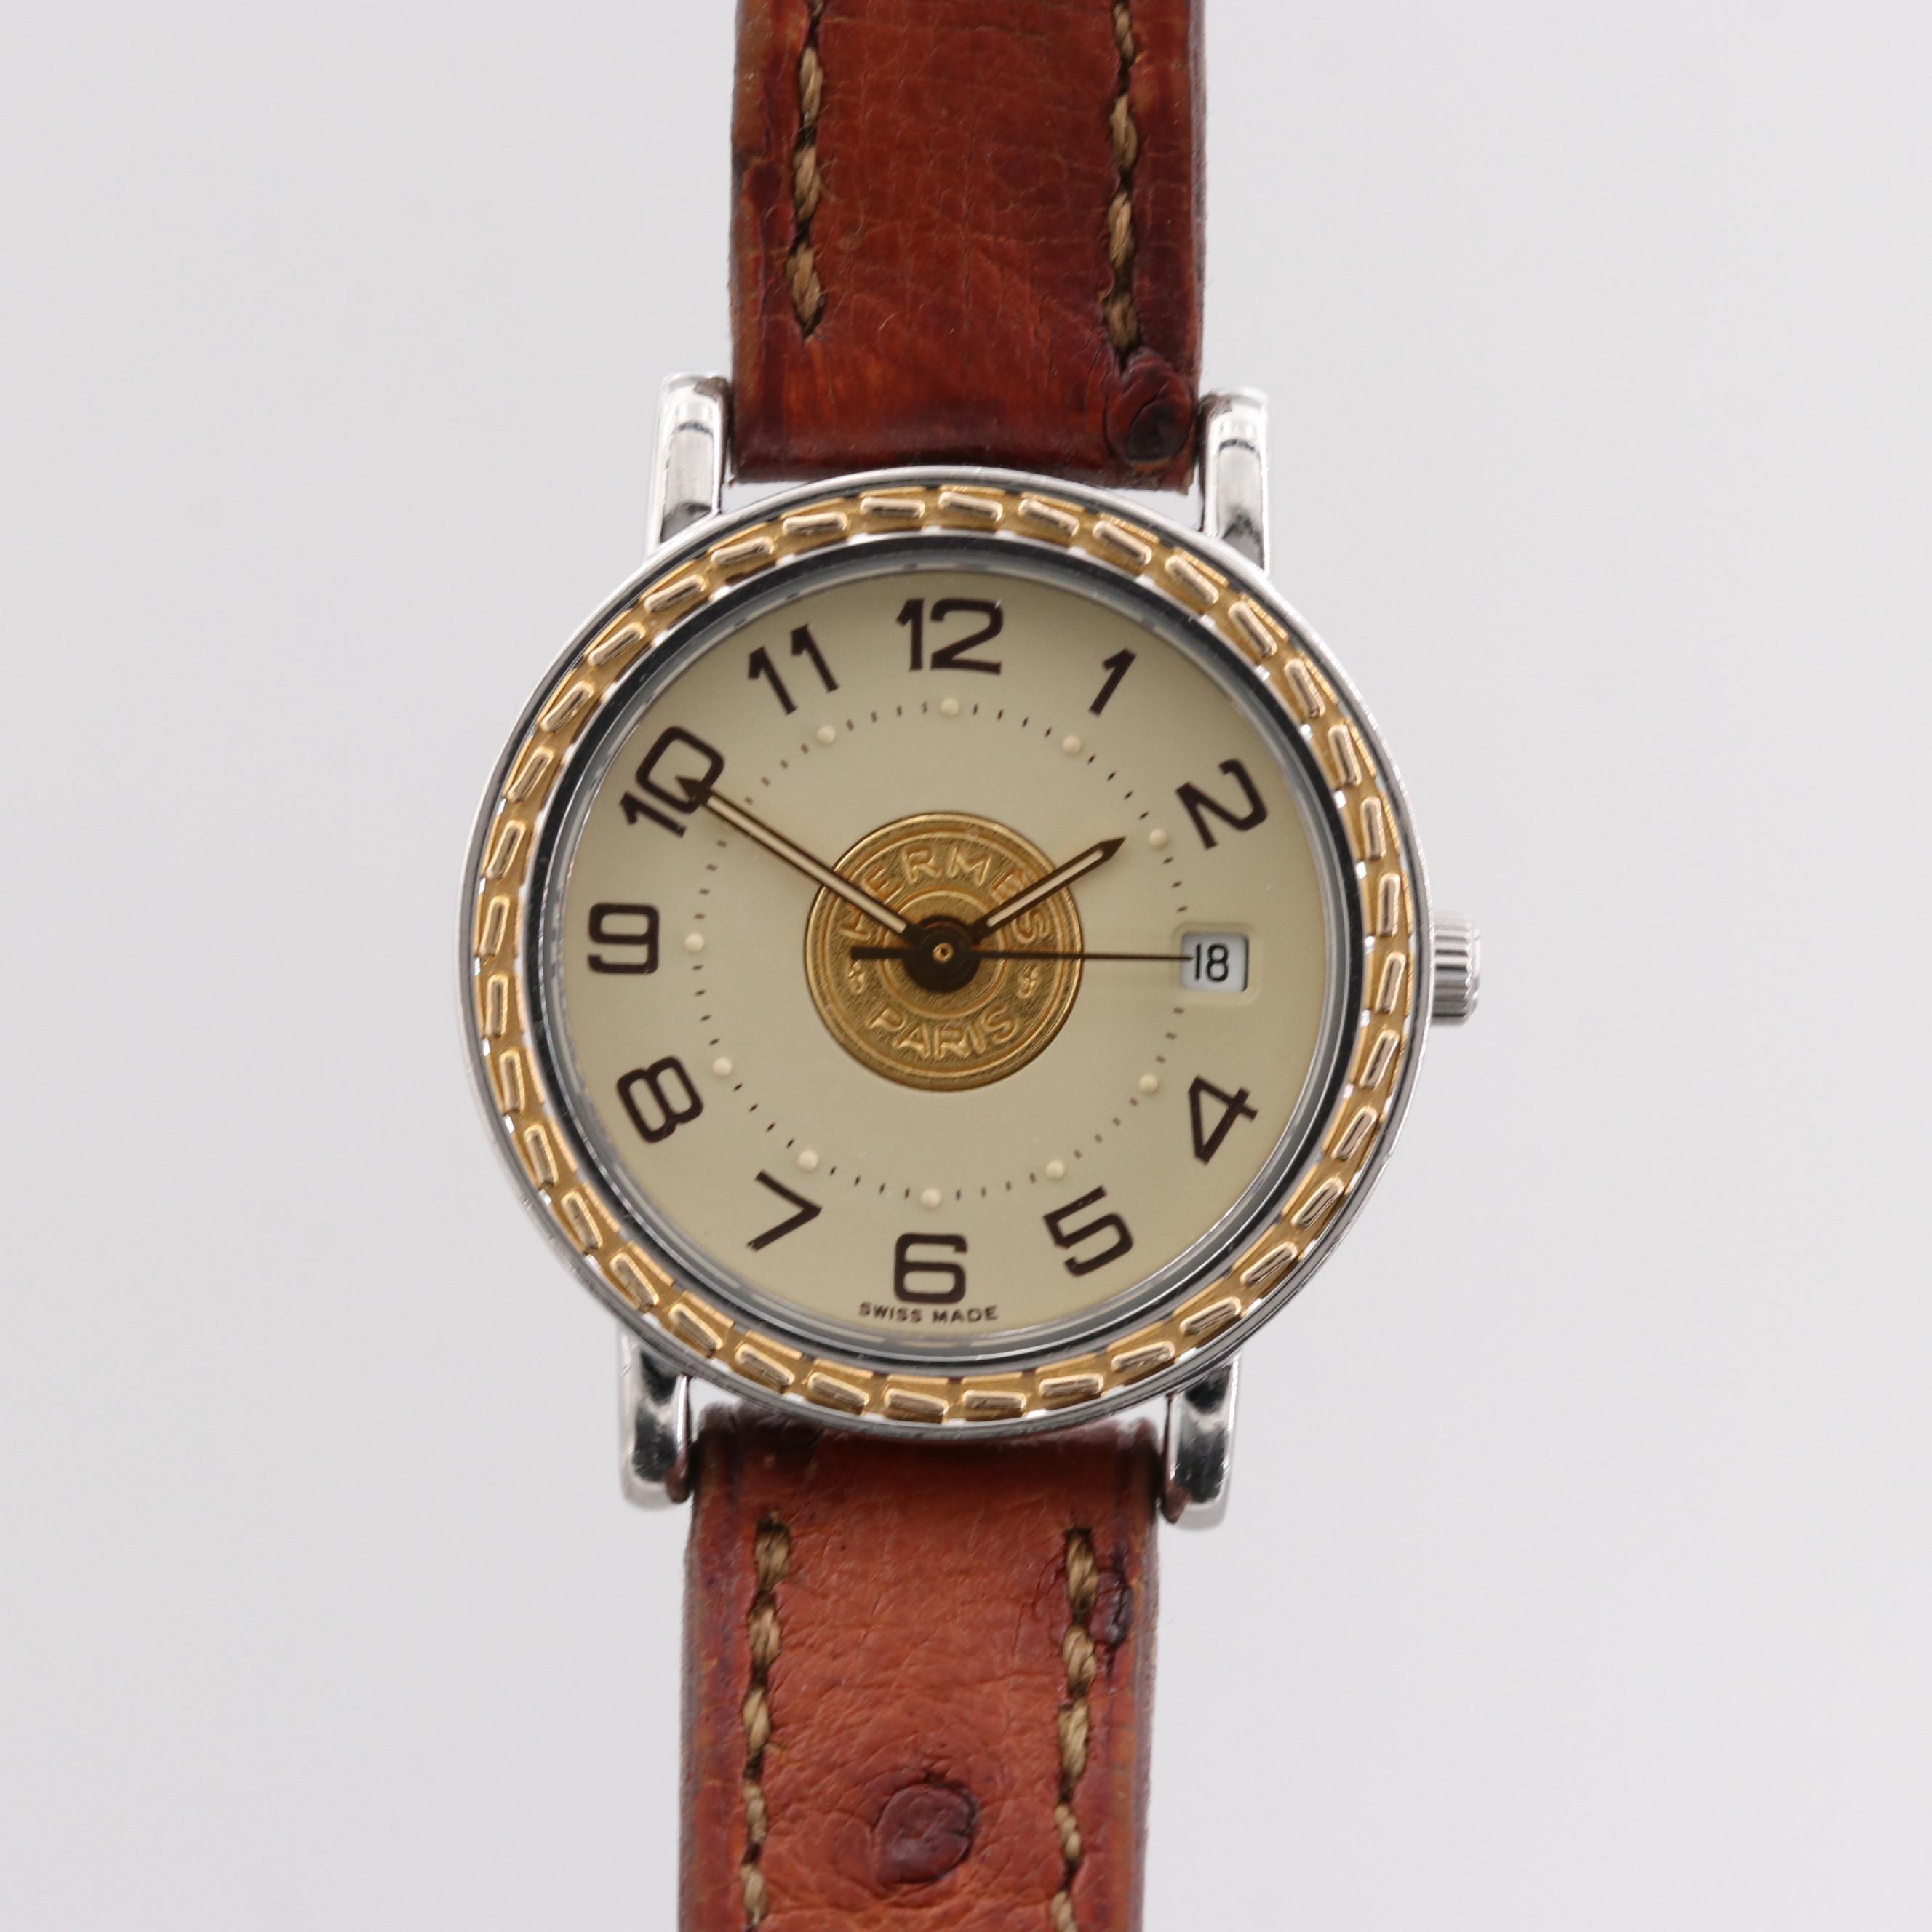 Hermès Two Tone Stainless Steel Quartz Wristwatch With Date